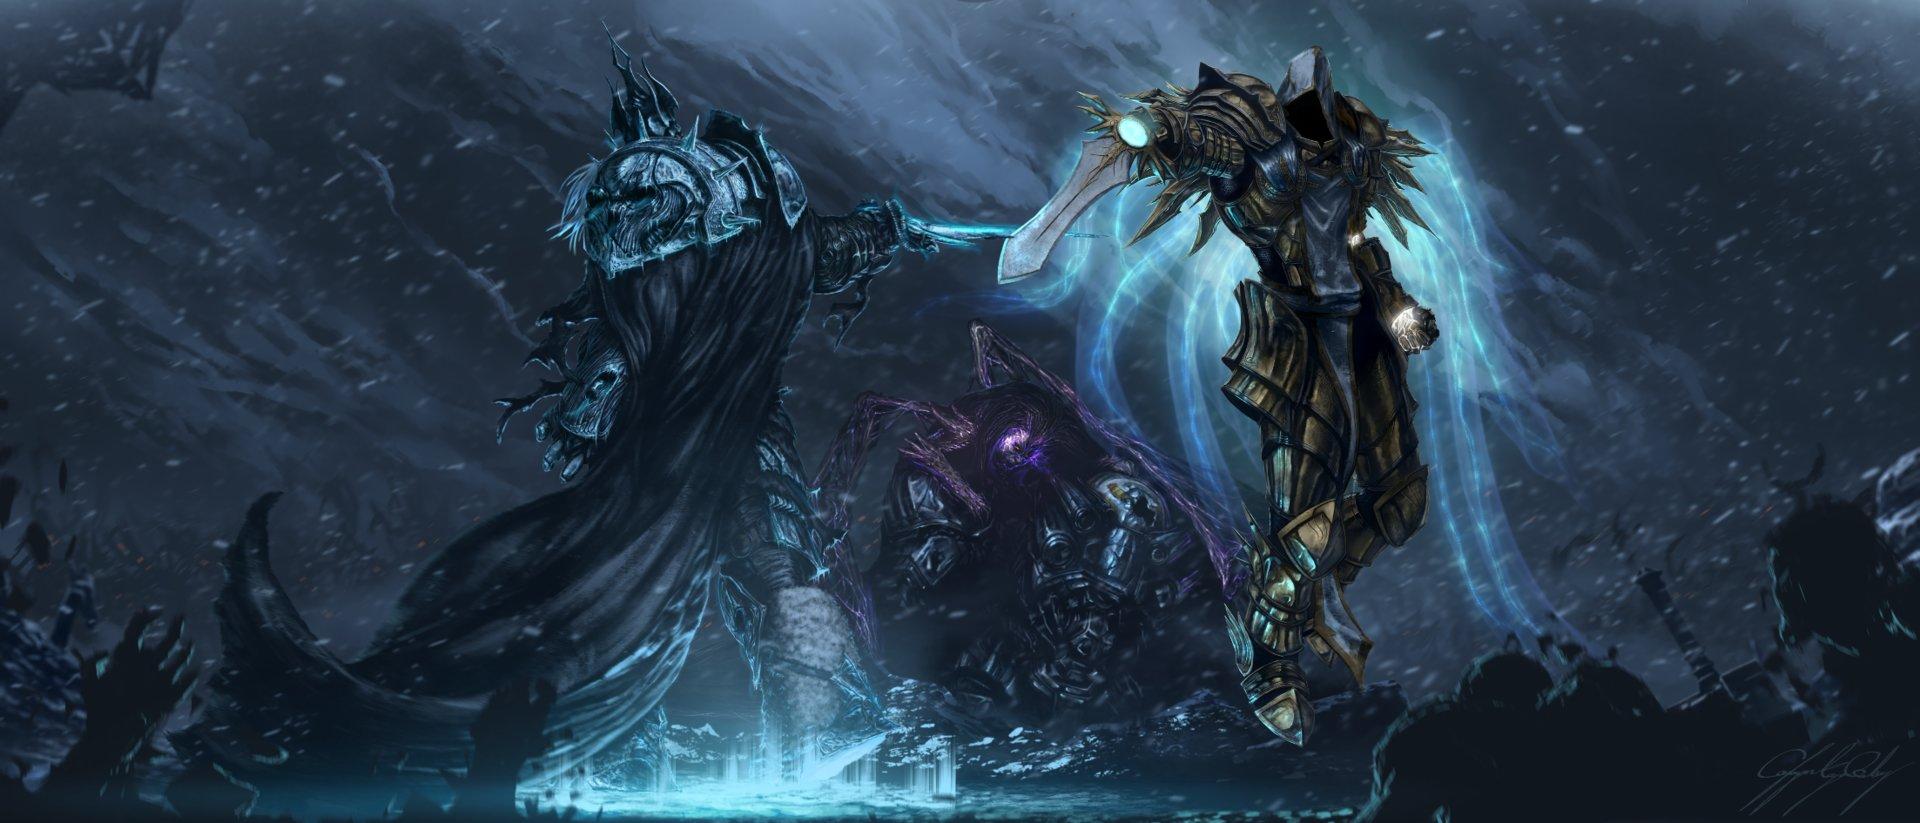 Caglayan kaya goksoy duel